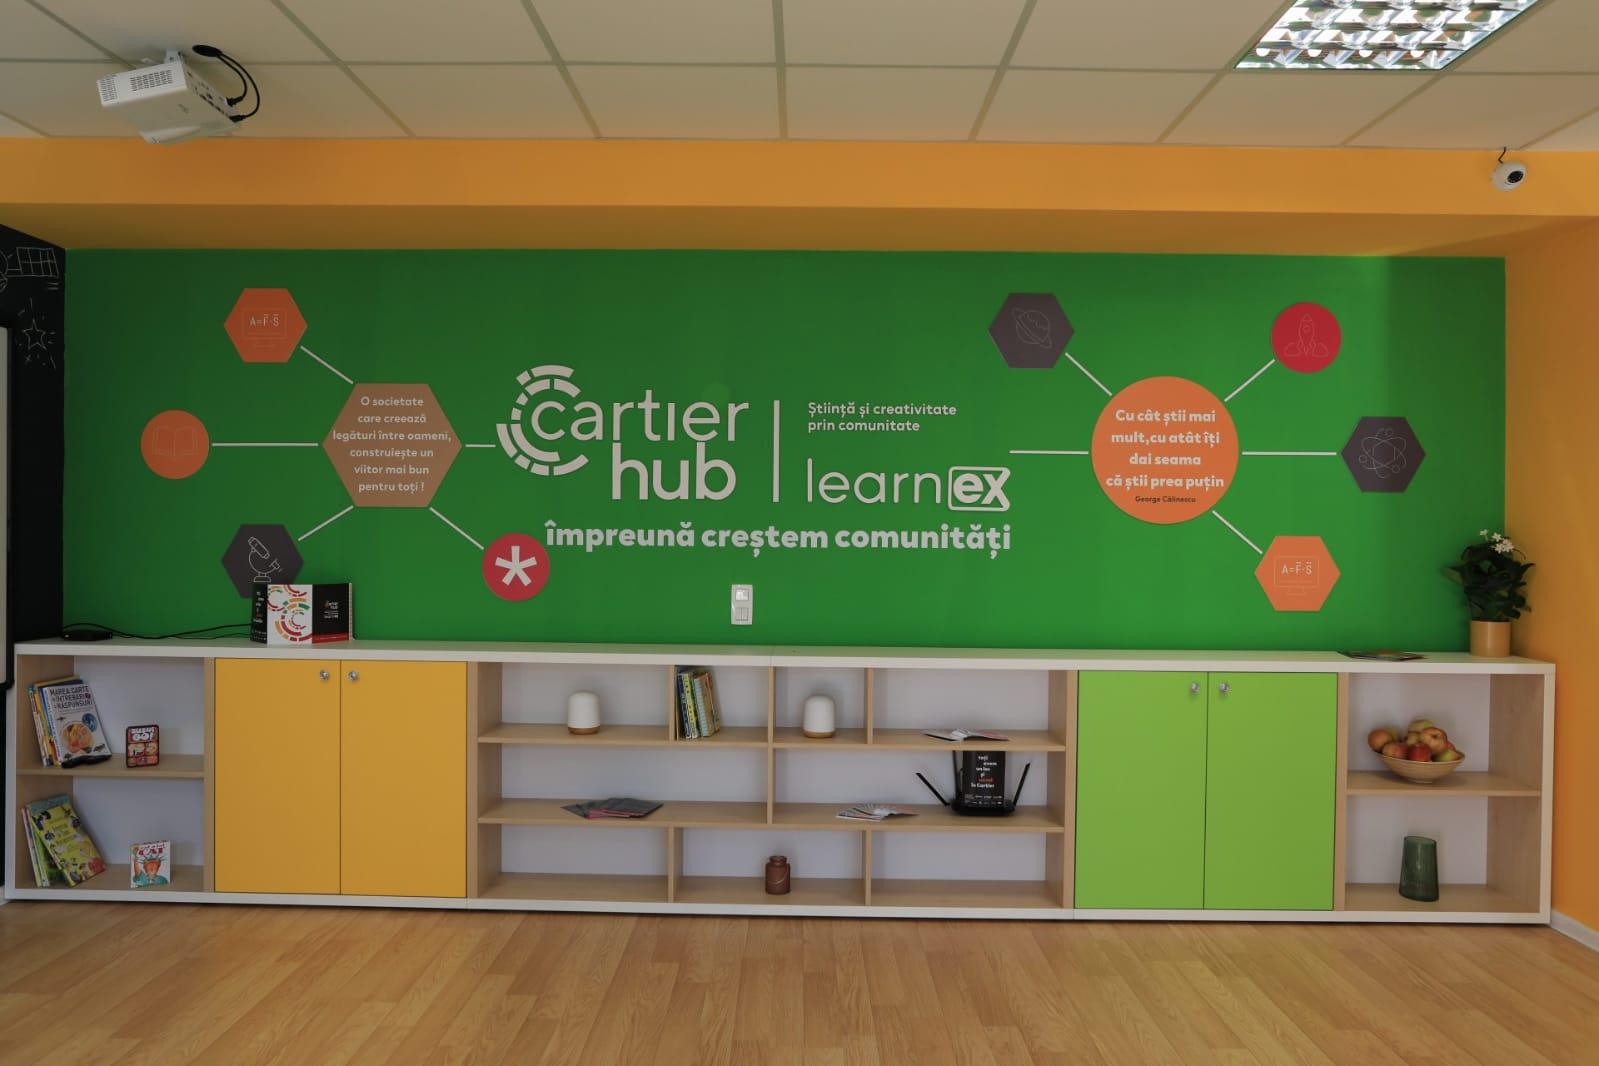 Ceetrus în parteneriat cu Kasper Development și Learnex inaugurează al doilea hub comunitar din România, în cadrul Cartier Coresi din Brașov